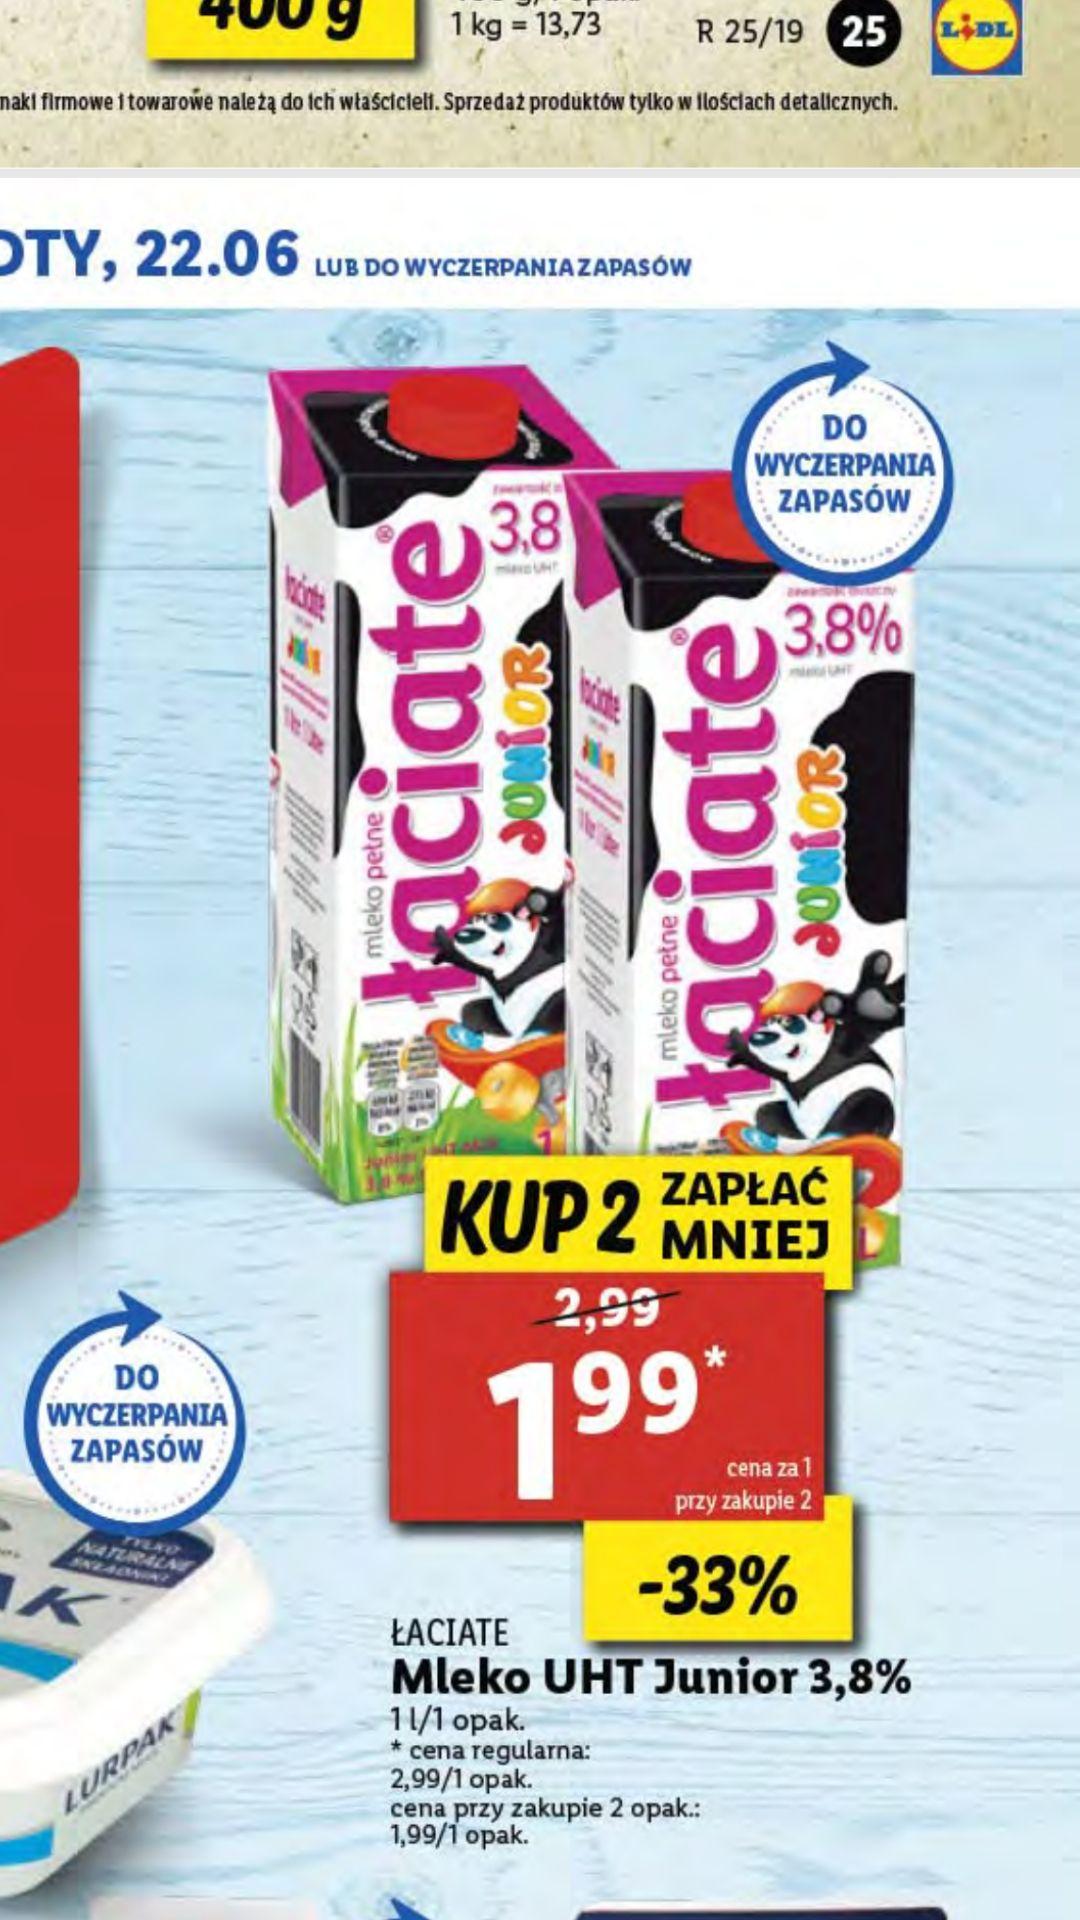 LIDL Mleko Łaciate Junior 3,8%  kup 2 zapłać 1,99zł/szt